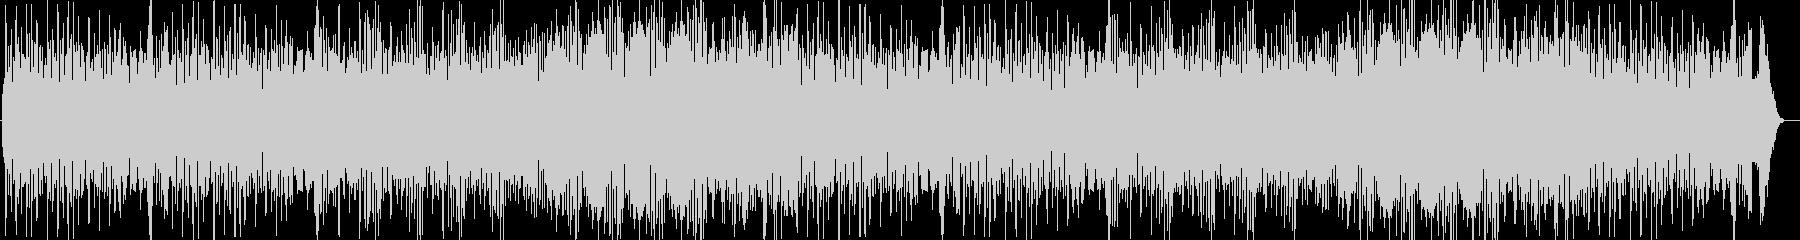 王宮感あるエレガントなハープシコードの未再生の波形